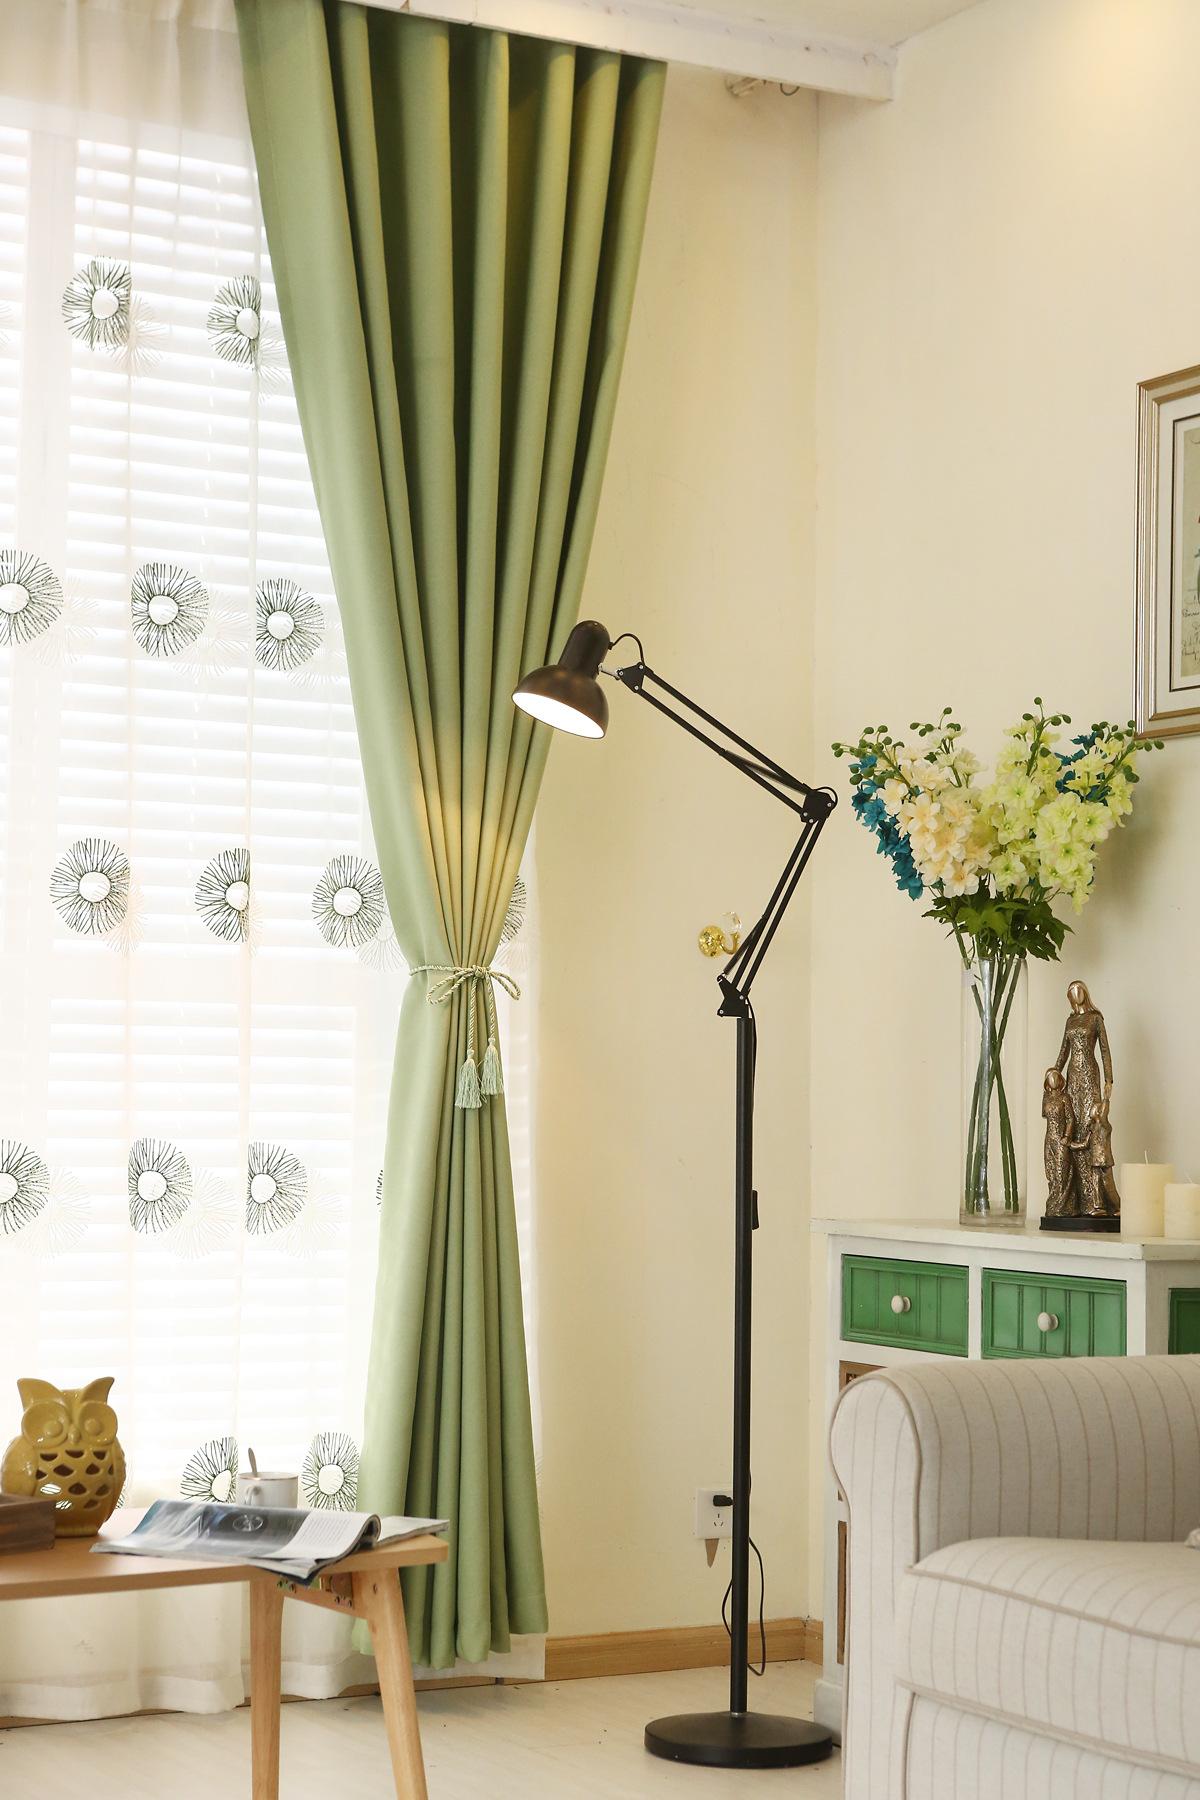 Rèm cửa nhung cotton nhiều màu, kiểu dáng đơn giản